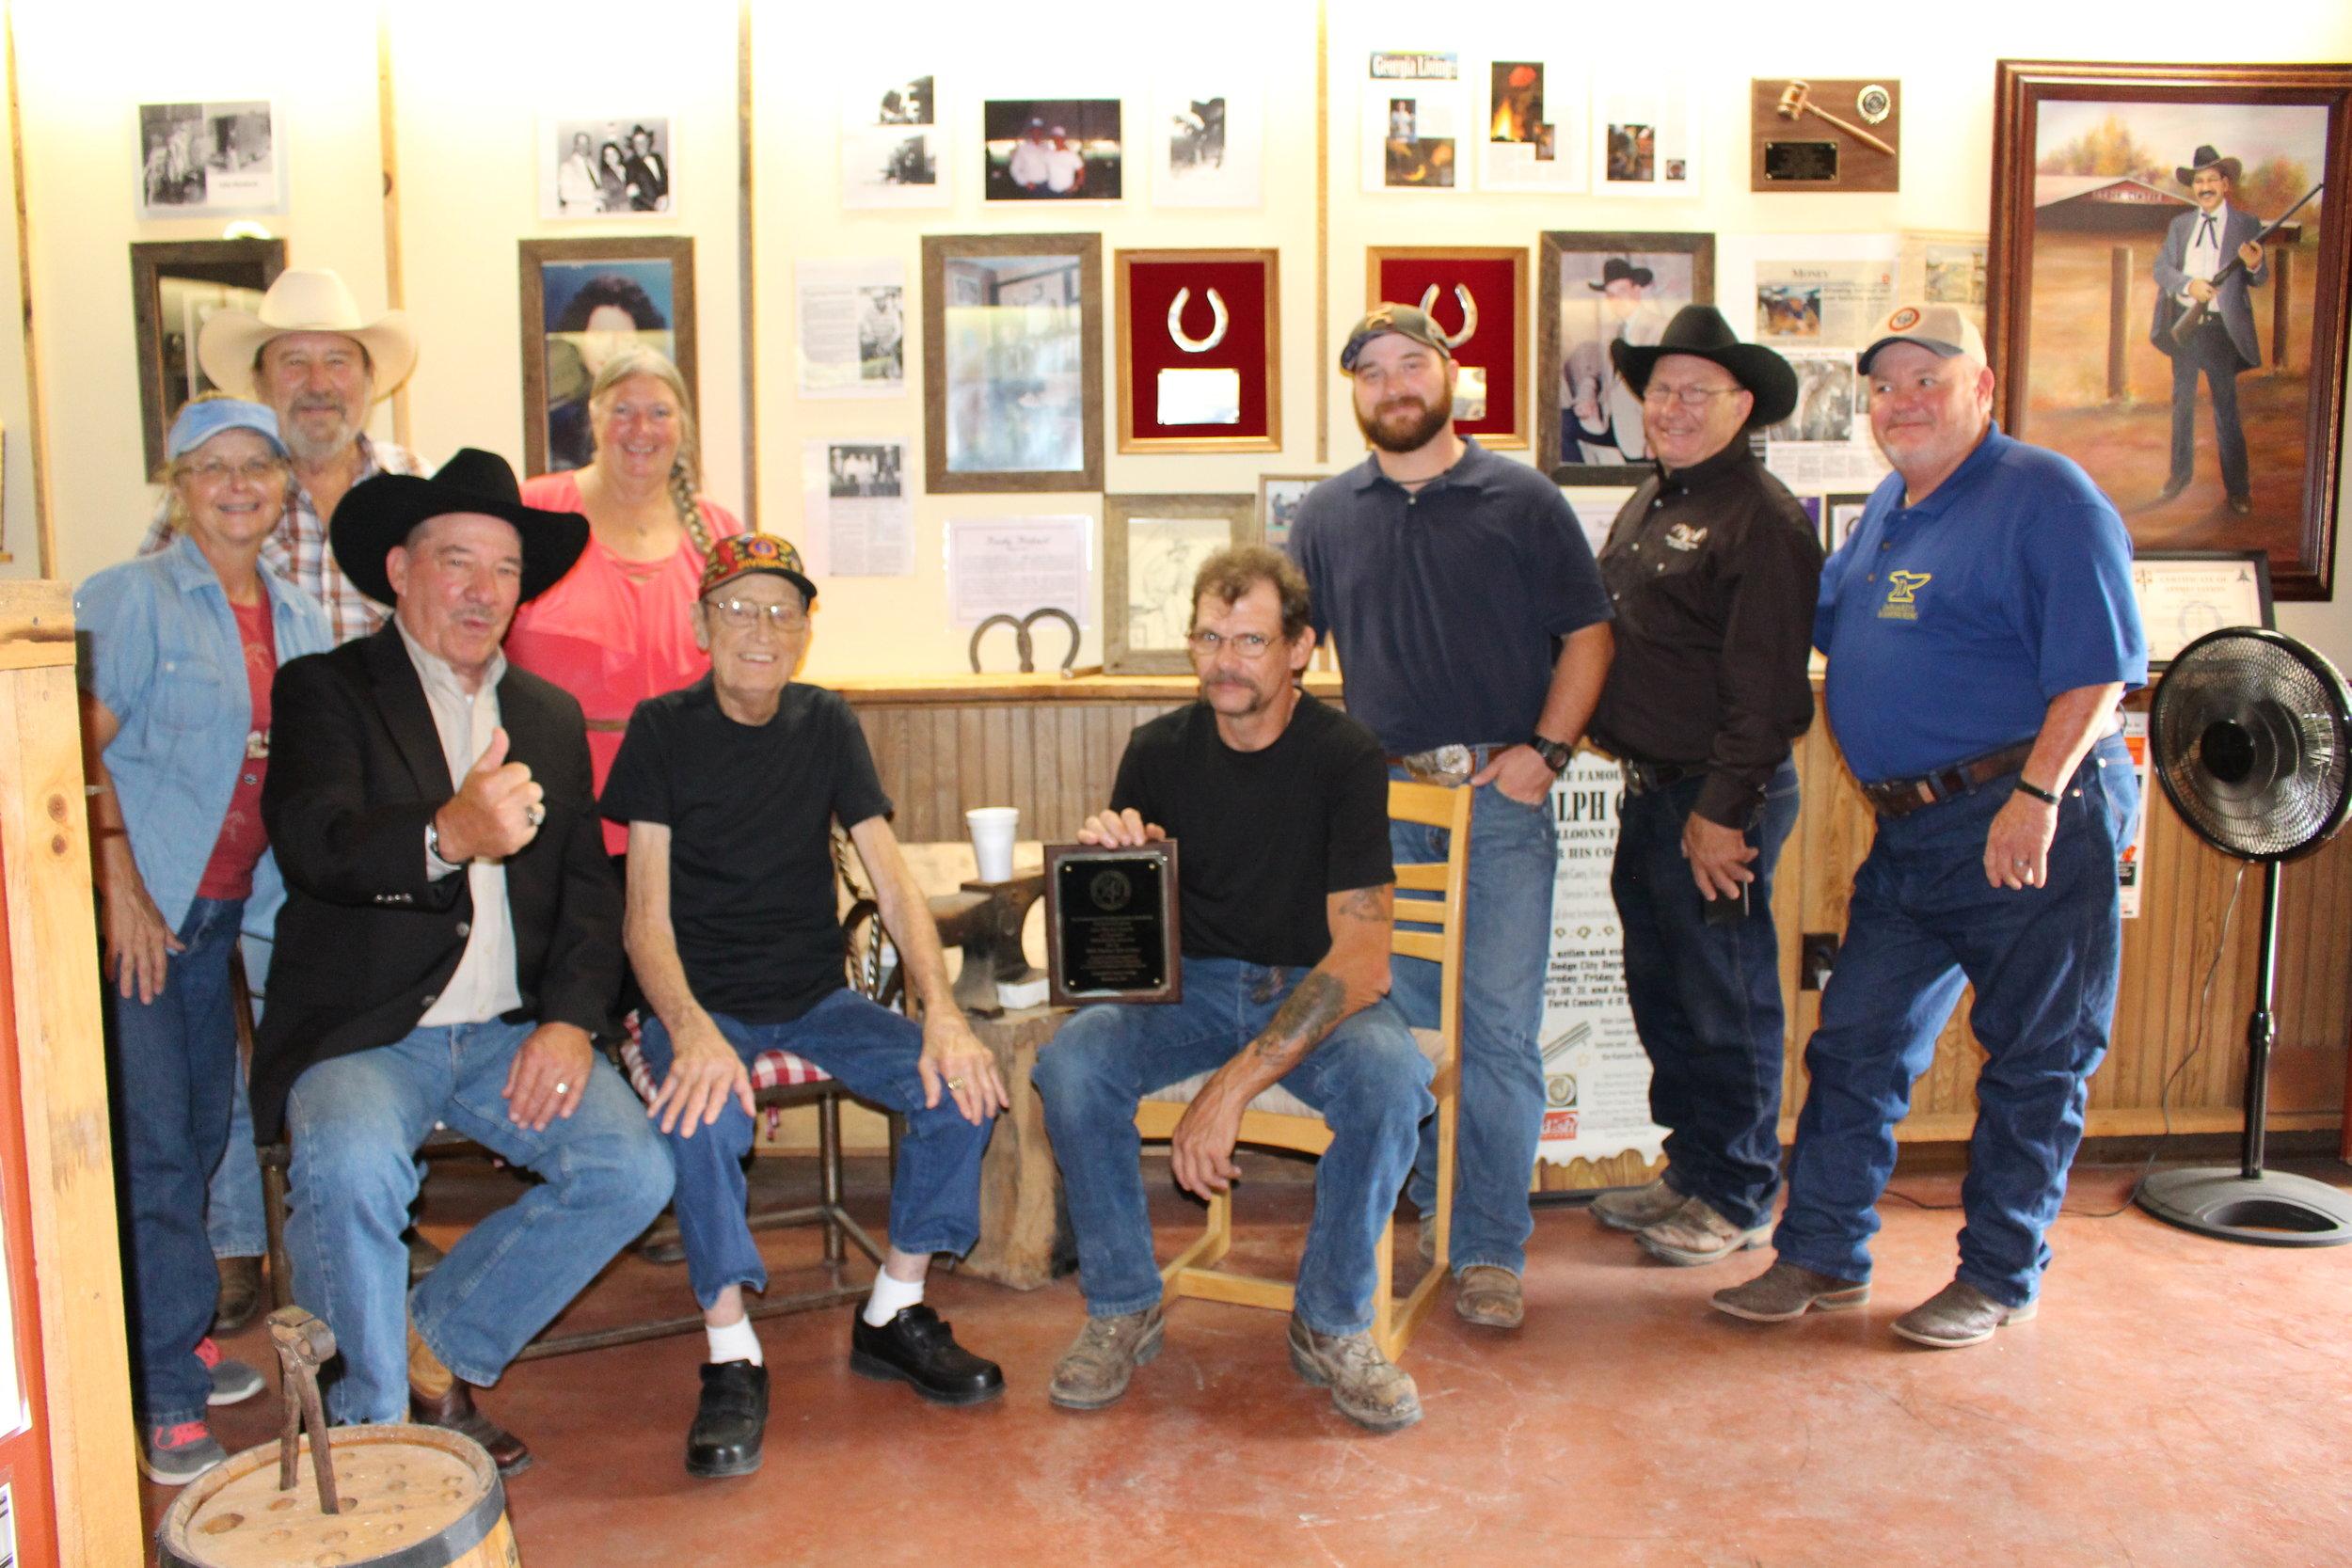 2016 Hall of Fame (L-R) Ginger Casey, Billy Fortner, Kathy Fortner, Ralph Casey, Bucky Hatfireld, Jon Roach, Link Casey, Dan Marcum, Ronney Deboard.